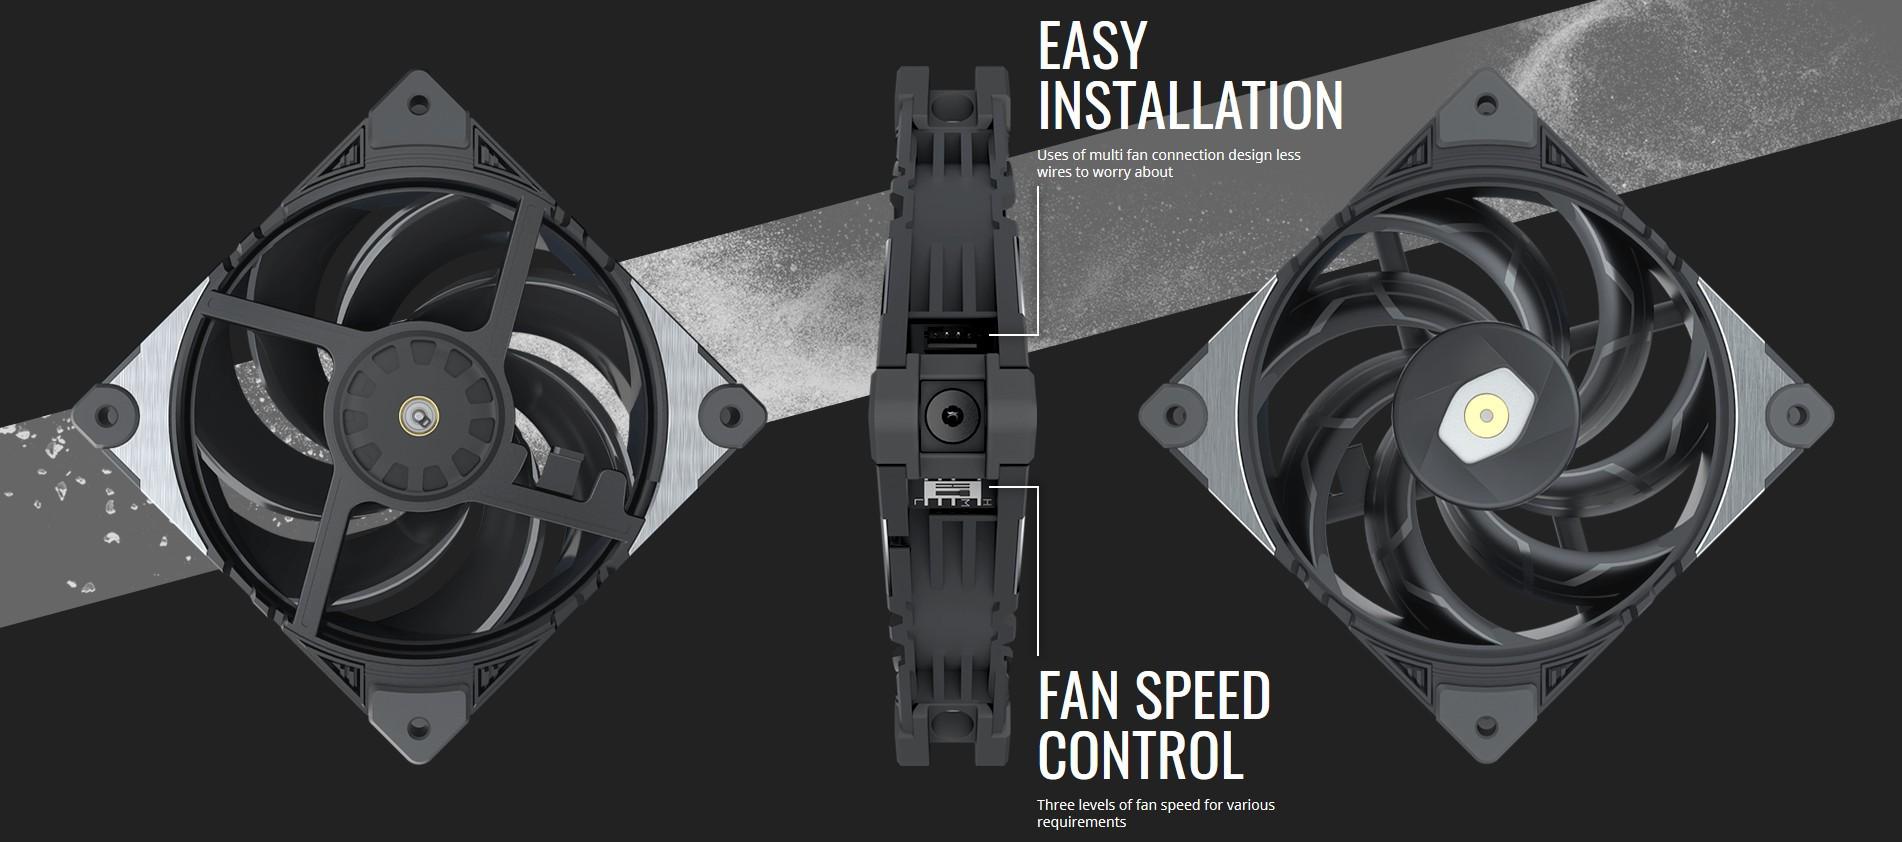 Thiết kế giảm xóc khung quạt độc quyền của Cooler Master